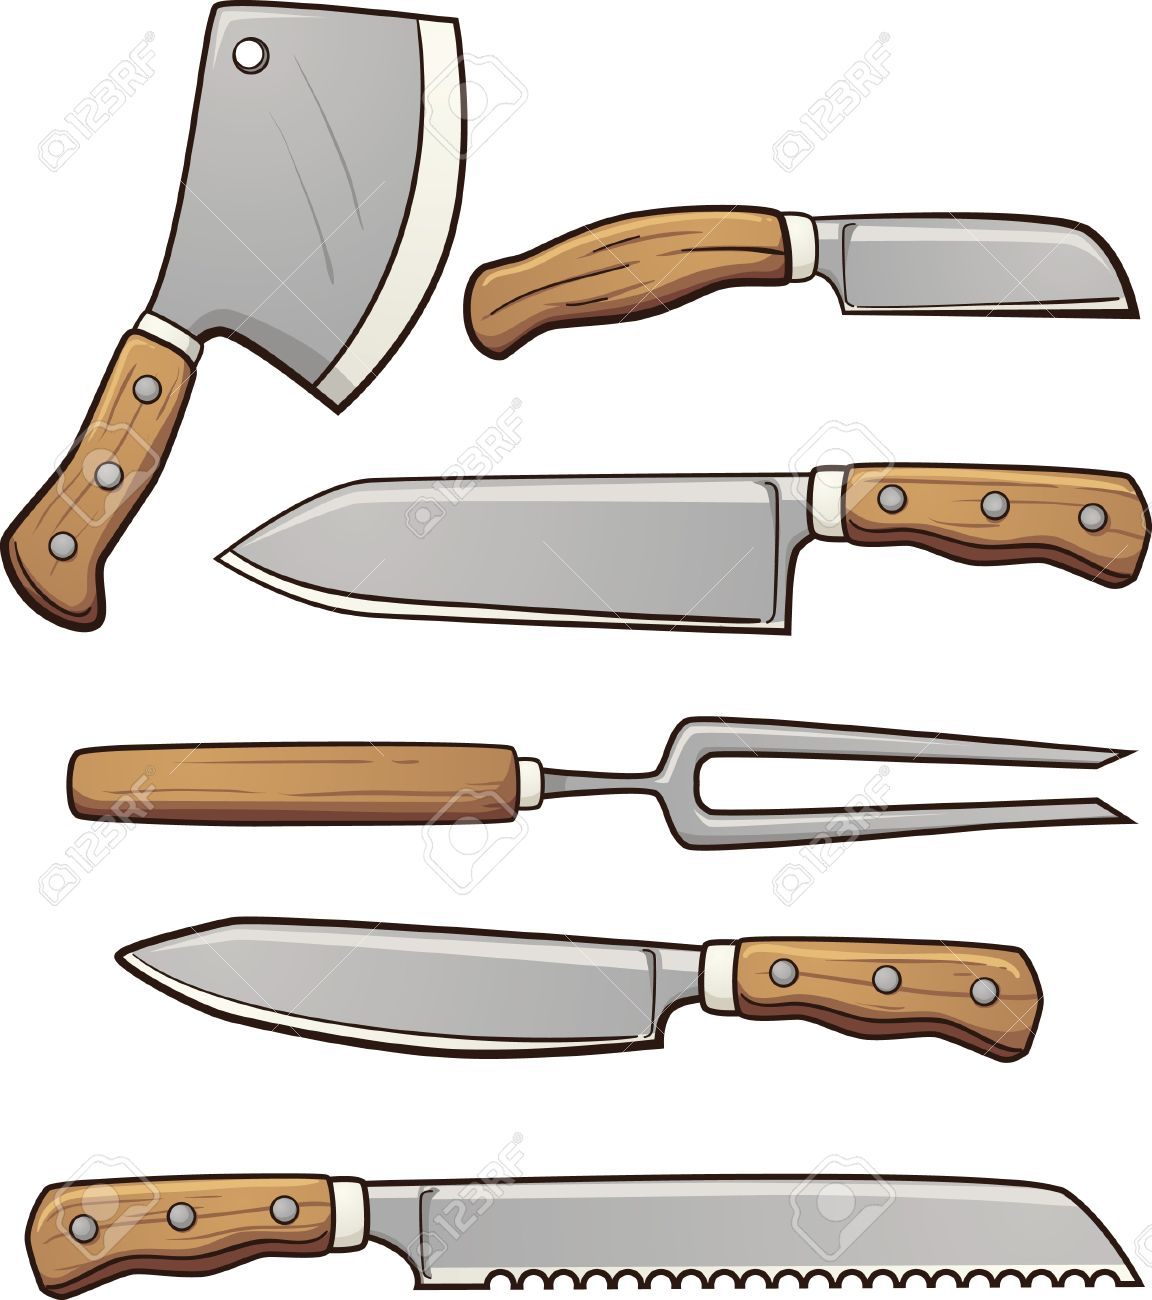 Küchenmesser clipart  Cartoon Küchenmesser. Vektor-Clipart-Illustration Mit Einfachen ...